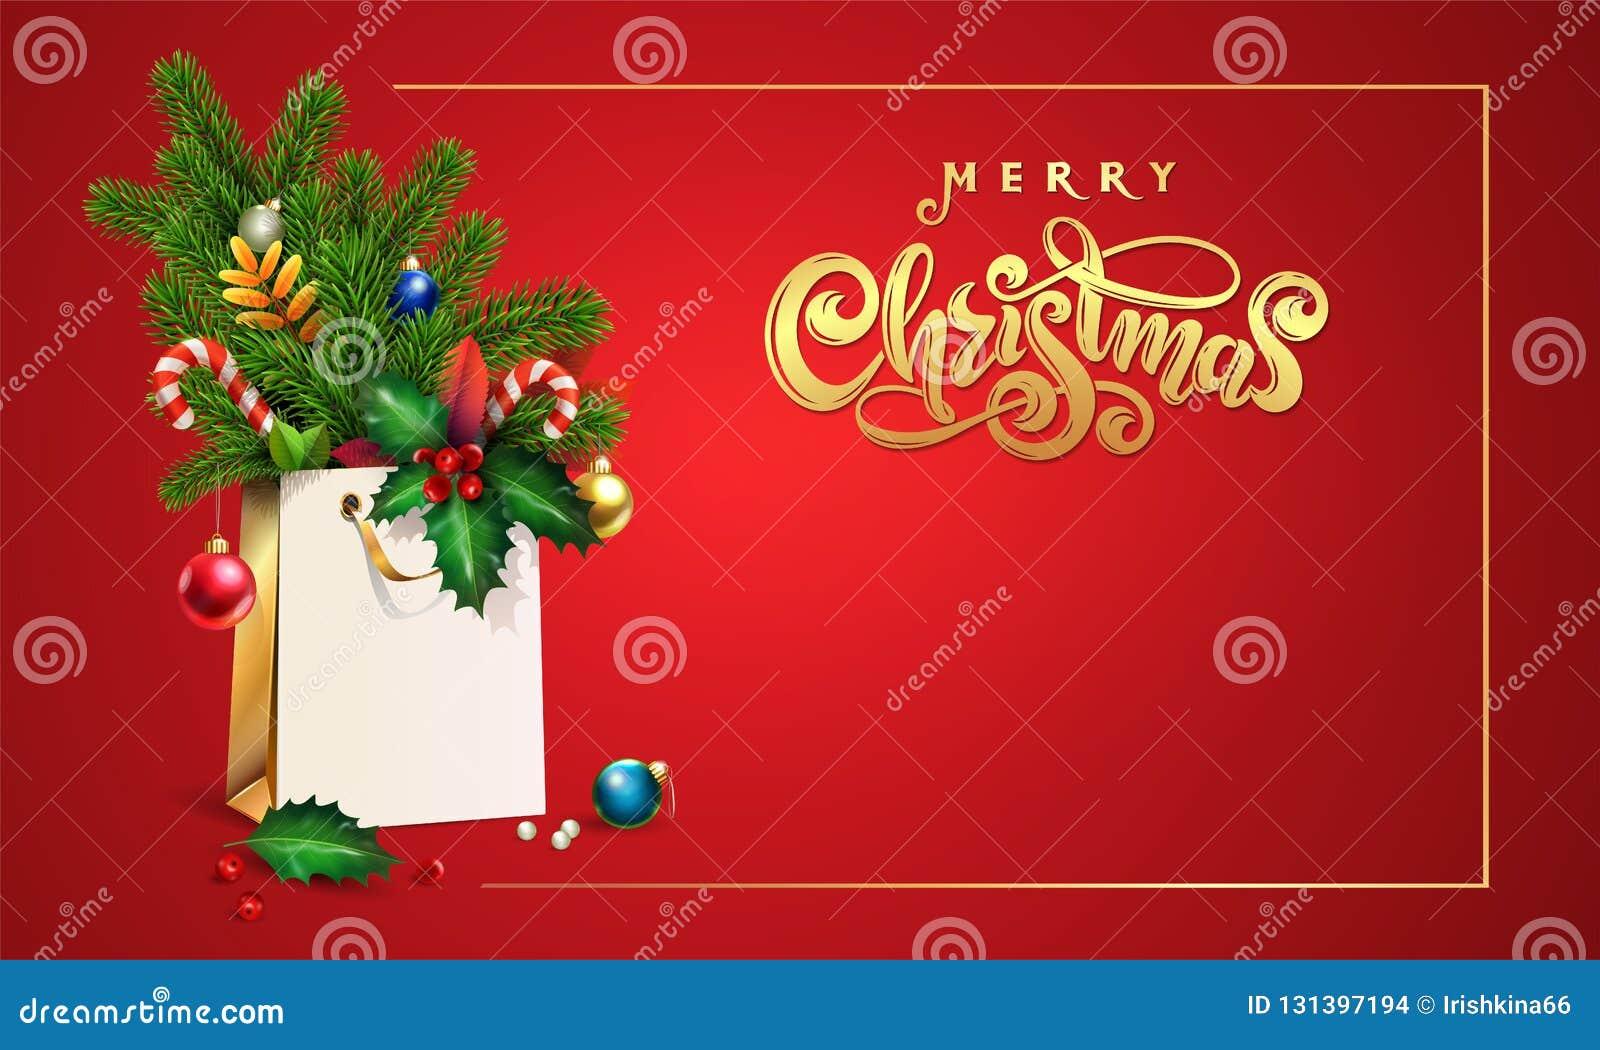 Χρυσή διανυσματική συρμένη χέρι Χαρούμενα Χριστούγεννα κειμένων εγγραφής τρισδιάστατη τσάντα αγορών, ερυθρελάτες, κλάδοι έλατου,